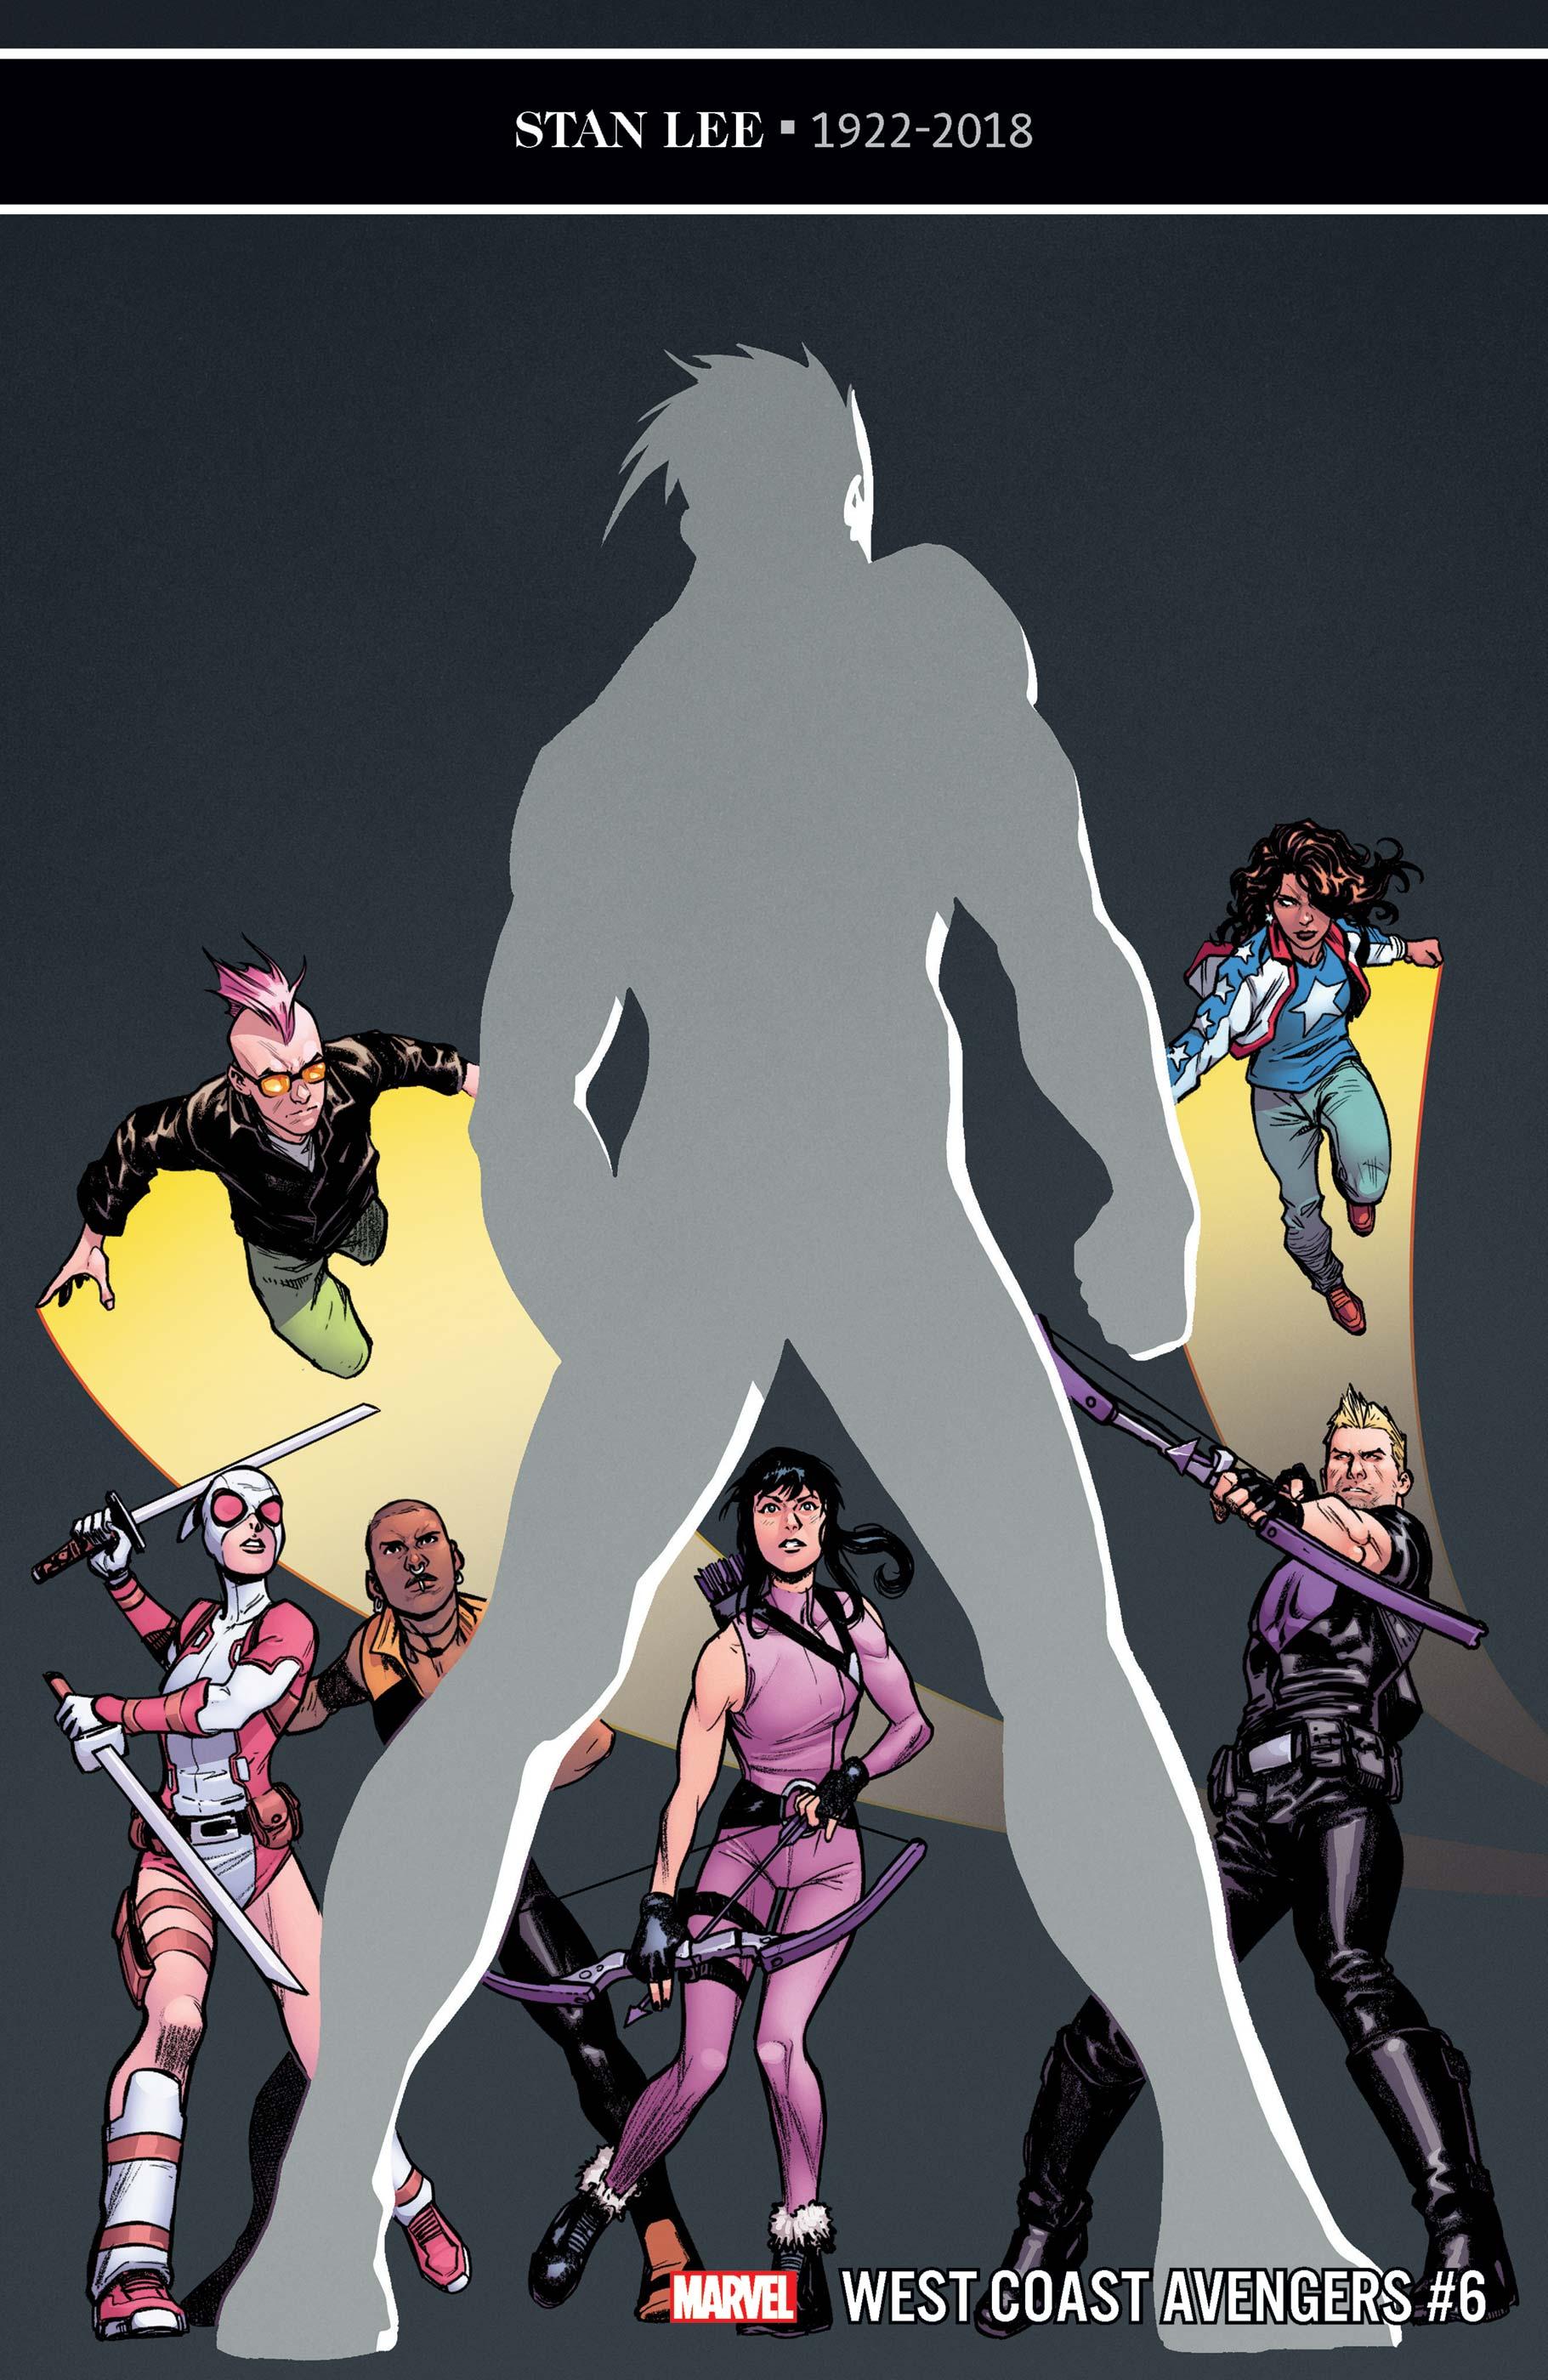 West Coast Avengers (2018) #6